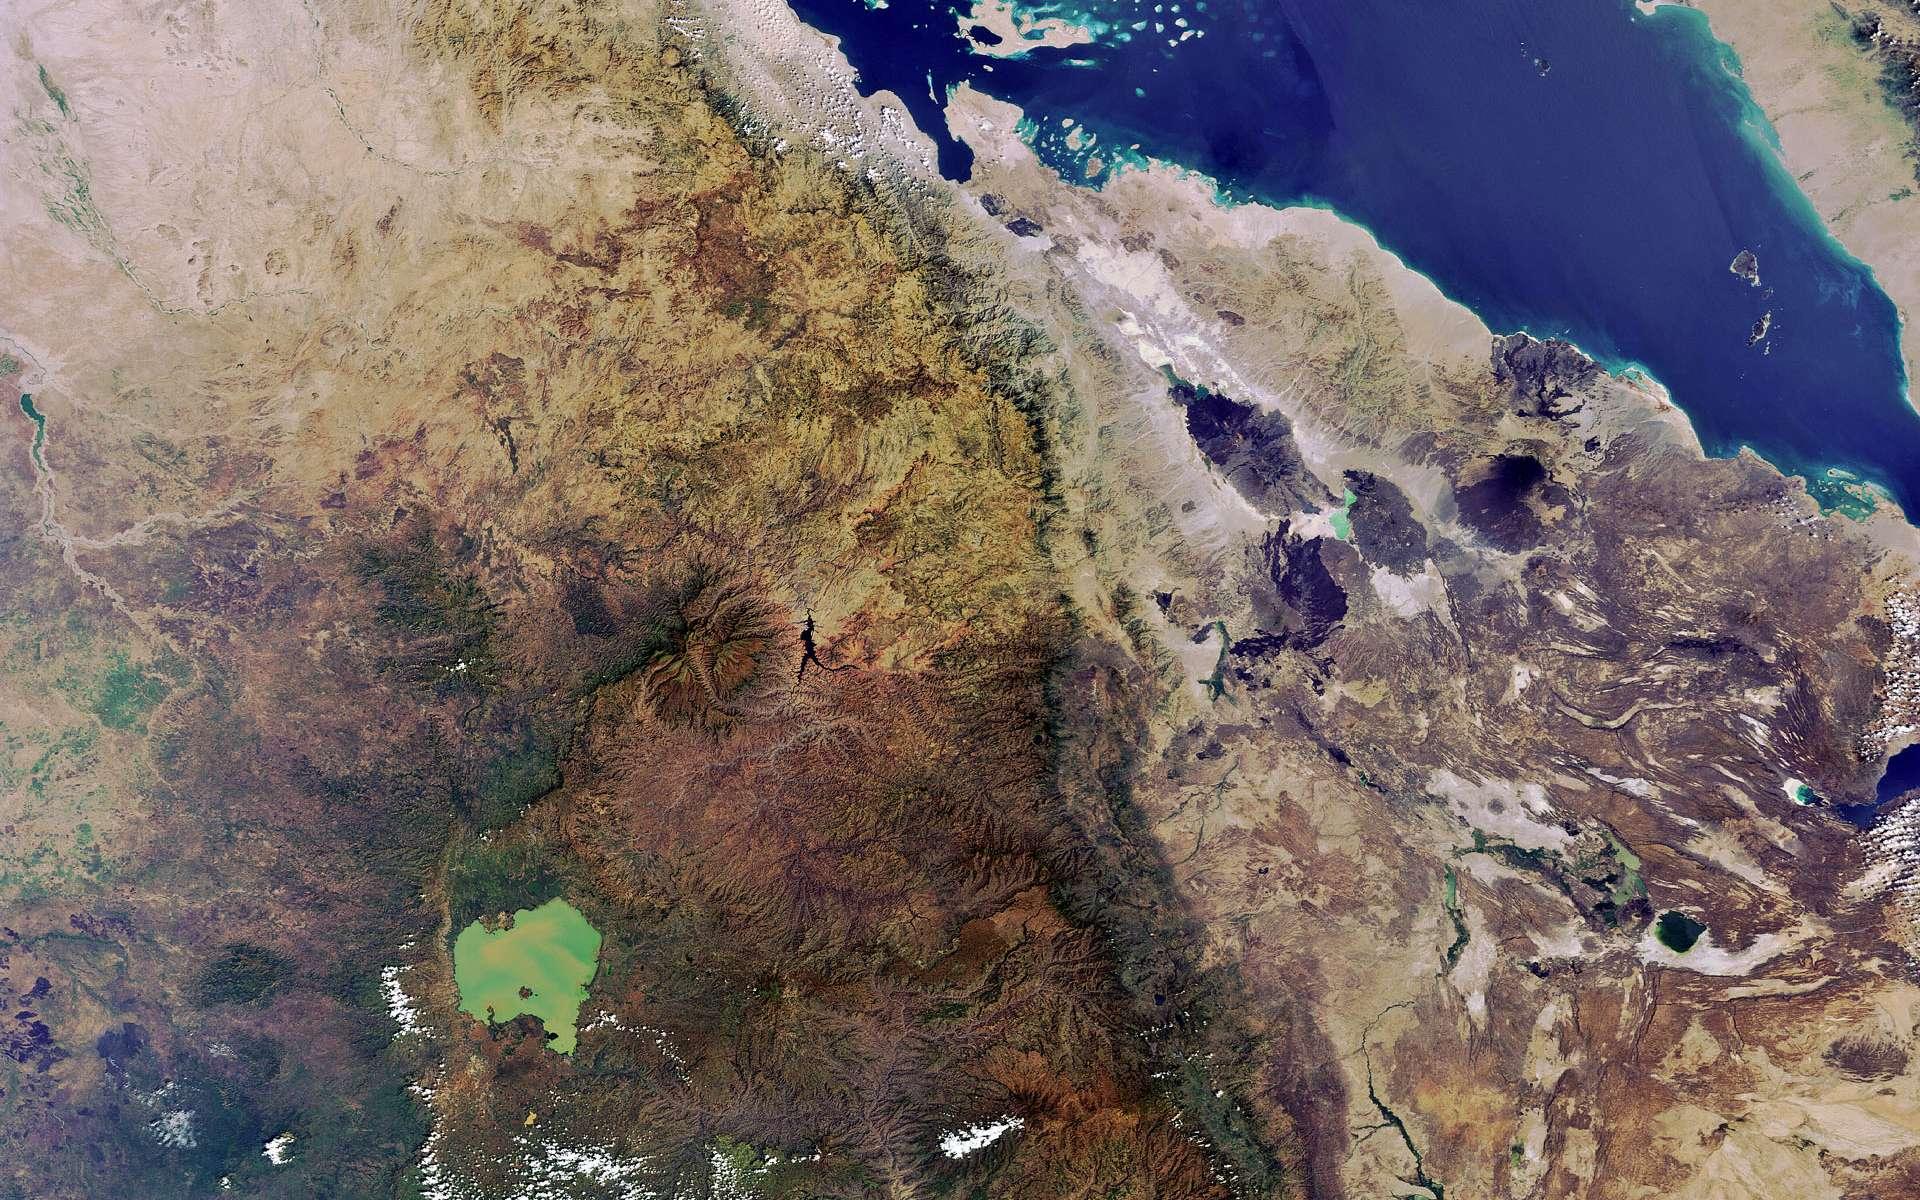 Cette image de la Corne de l'Afrique a été prise le 13 novembre 2011 par la caméra Meris du satellite Envisat de l'Esa. © Esa